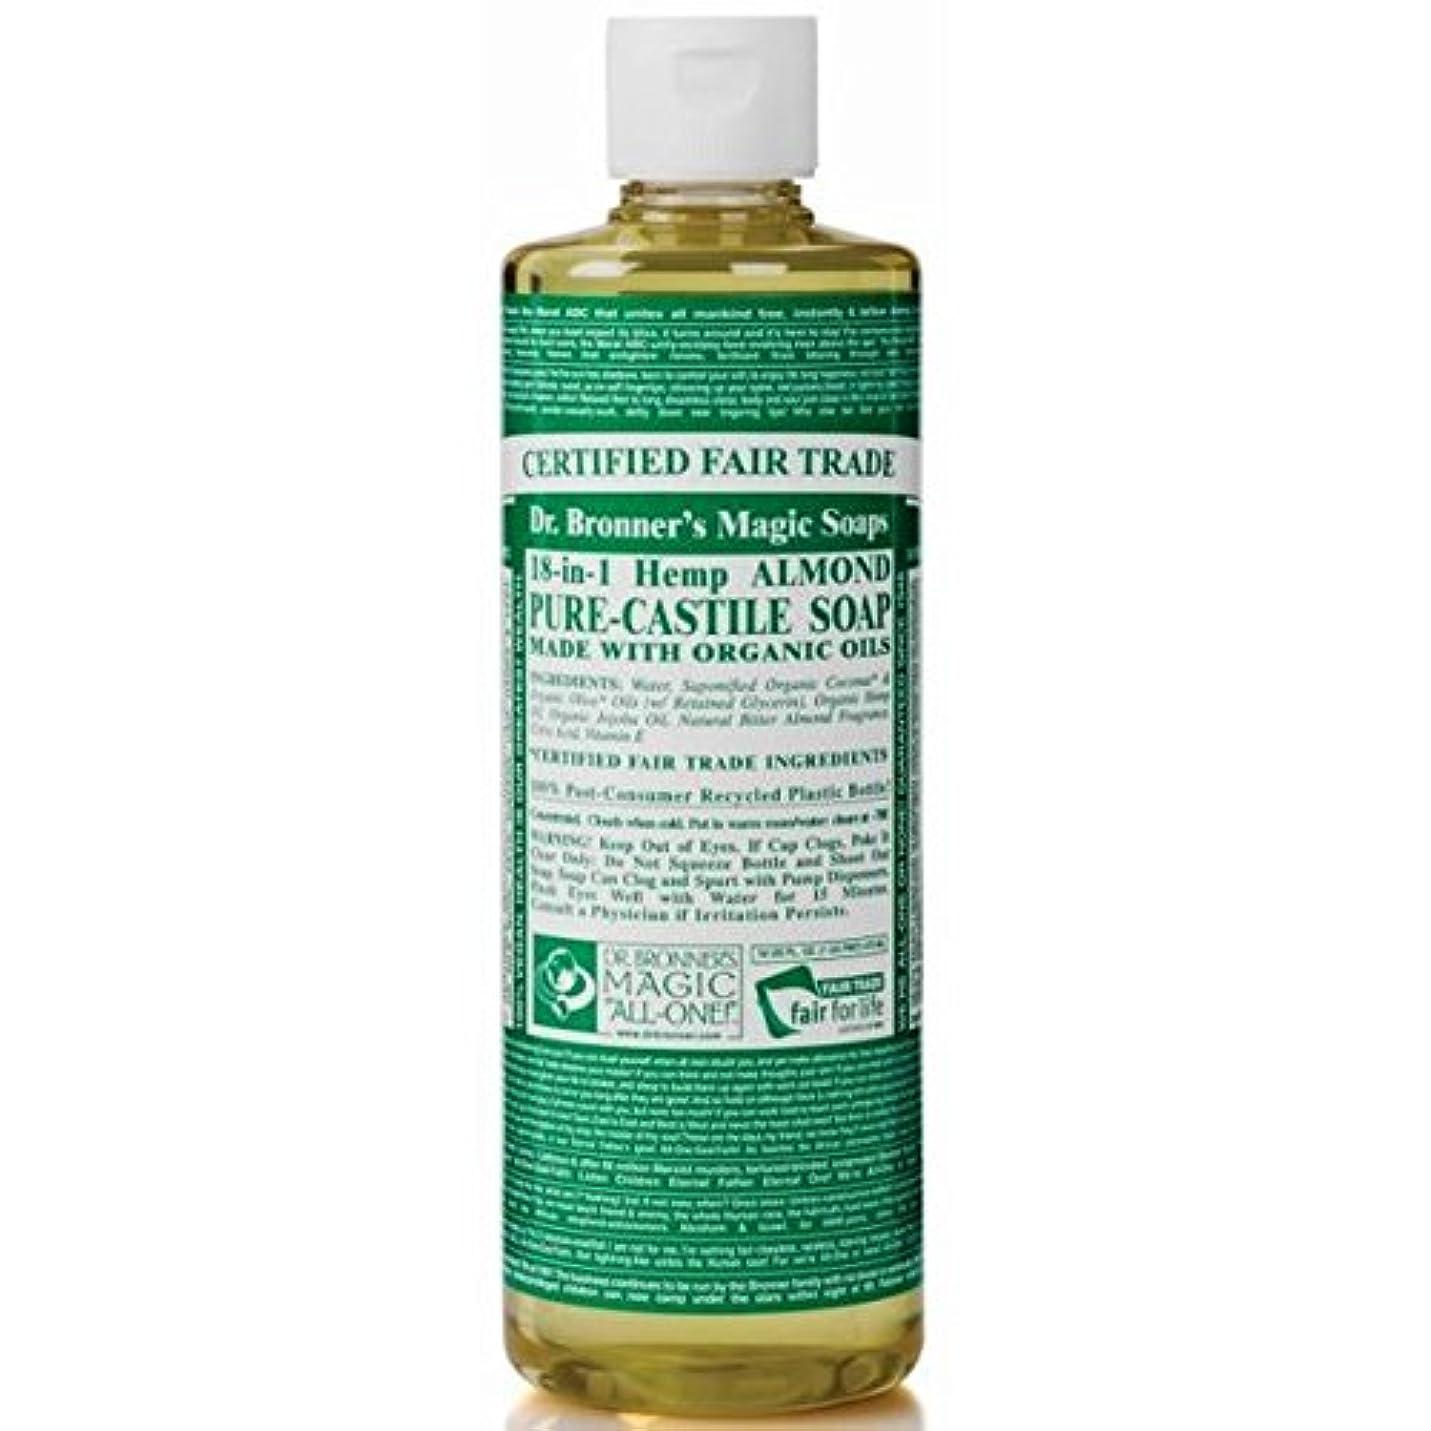 トピック不適方法Dr Bronner Organic Almond Castile Liquid Soap 237ml - のブロナー有機アーモンドカスティーリャ液体石鹸237ミリリットル [並行輸入品]